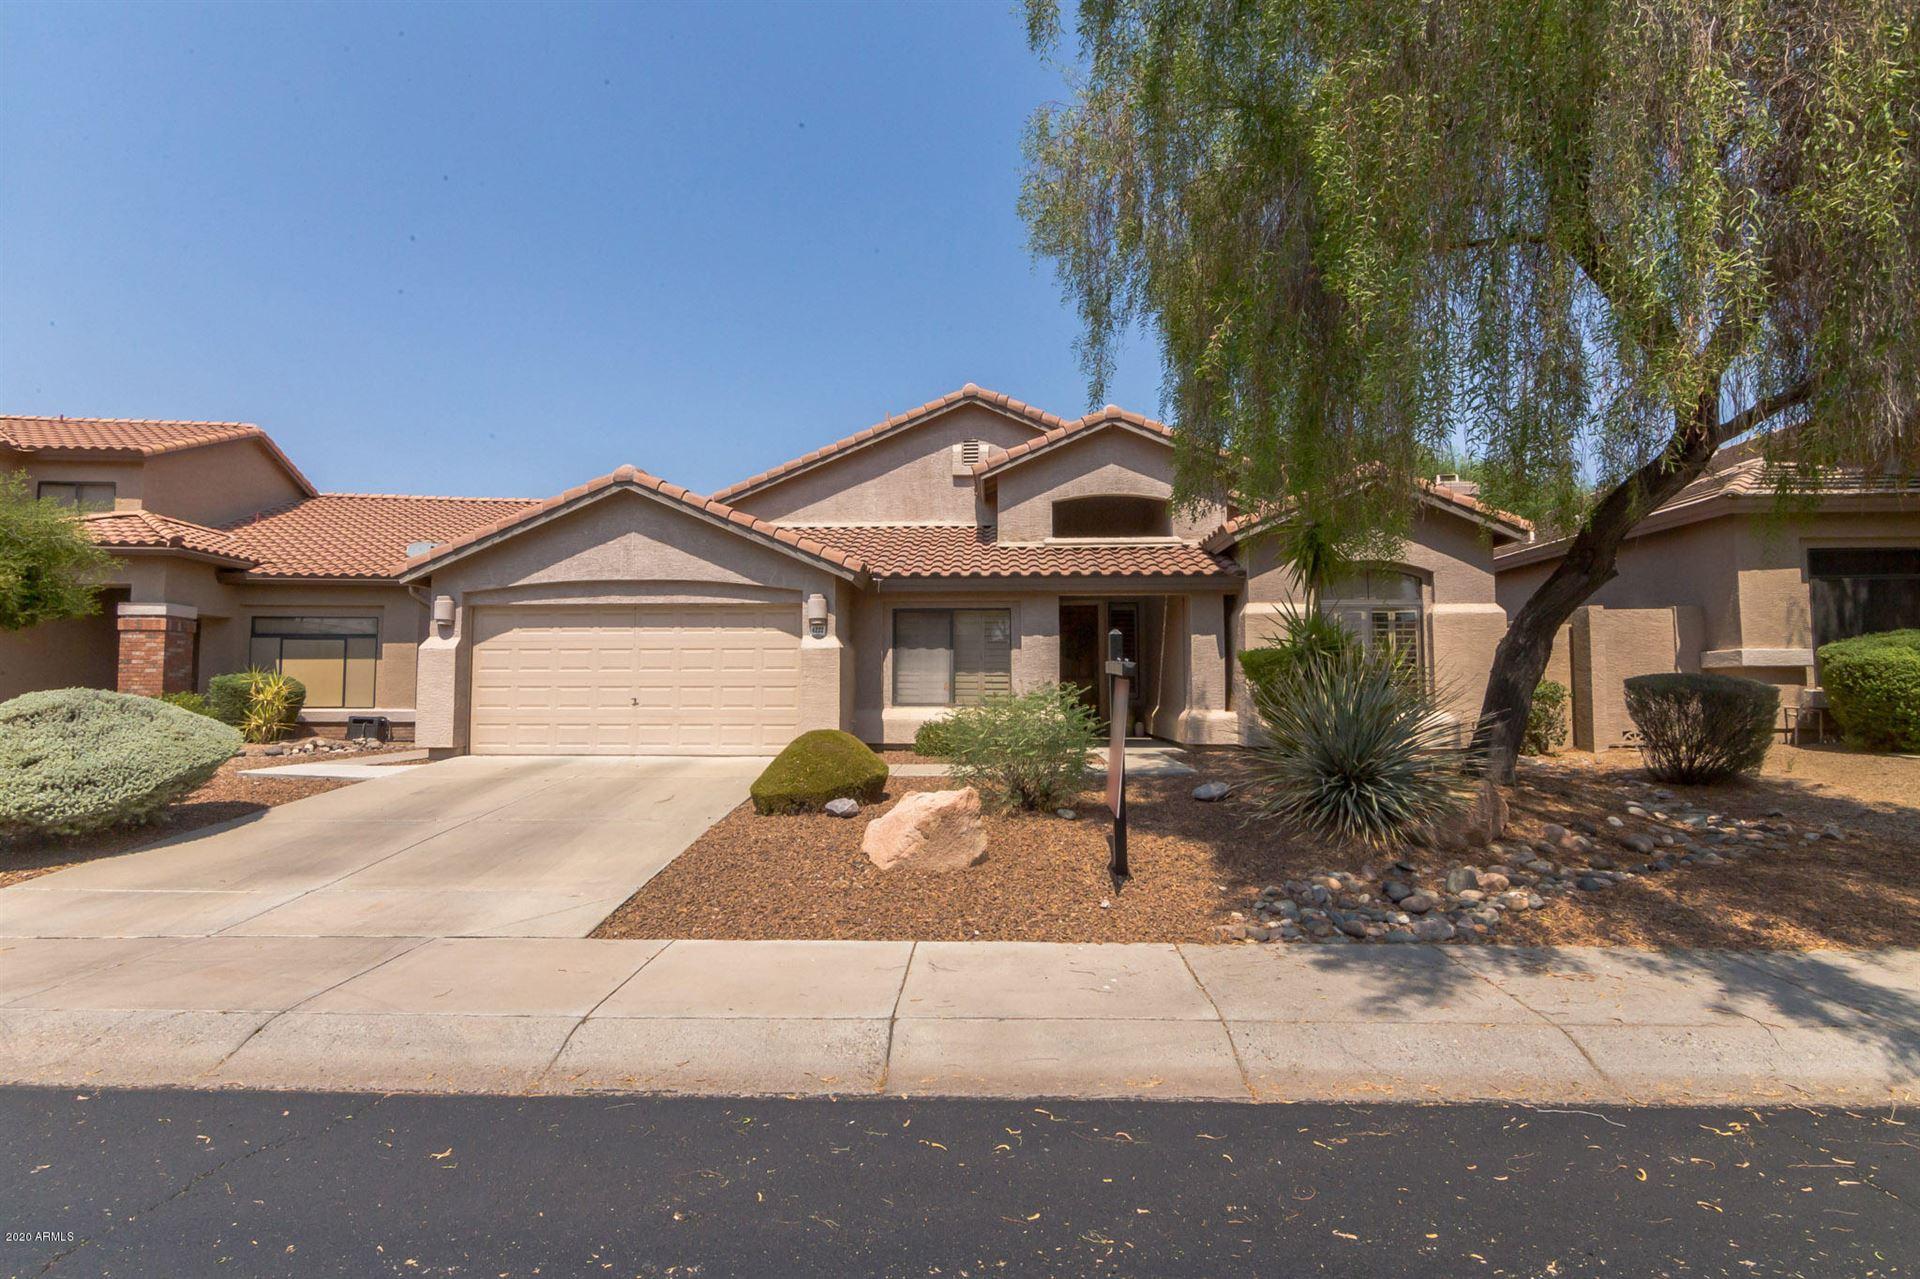 4222 E KIRKLAND Road, Phoenix, AZ 85050 - MLS#: 6129471